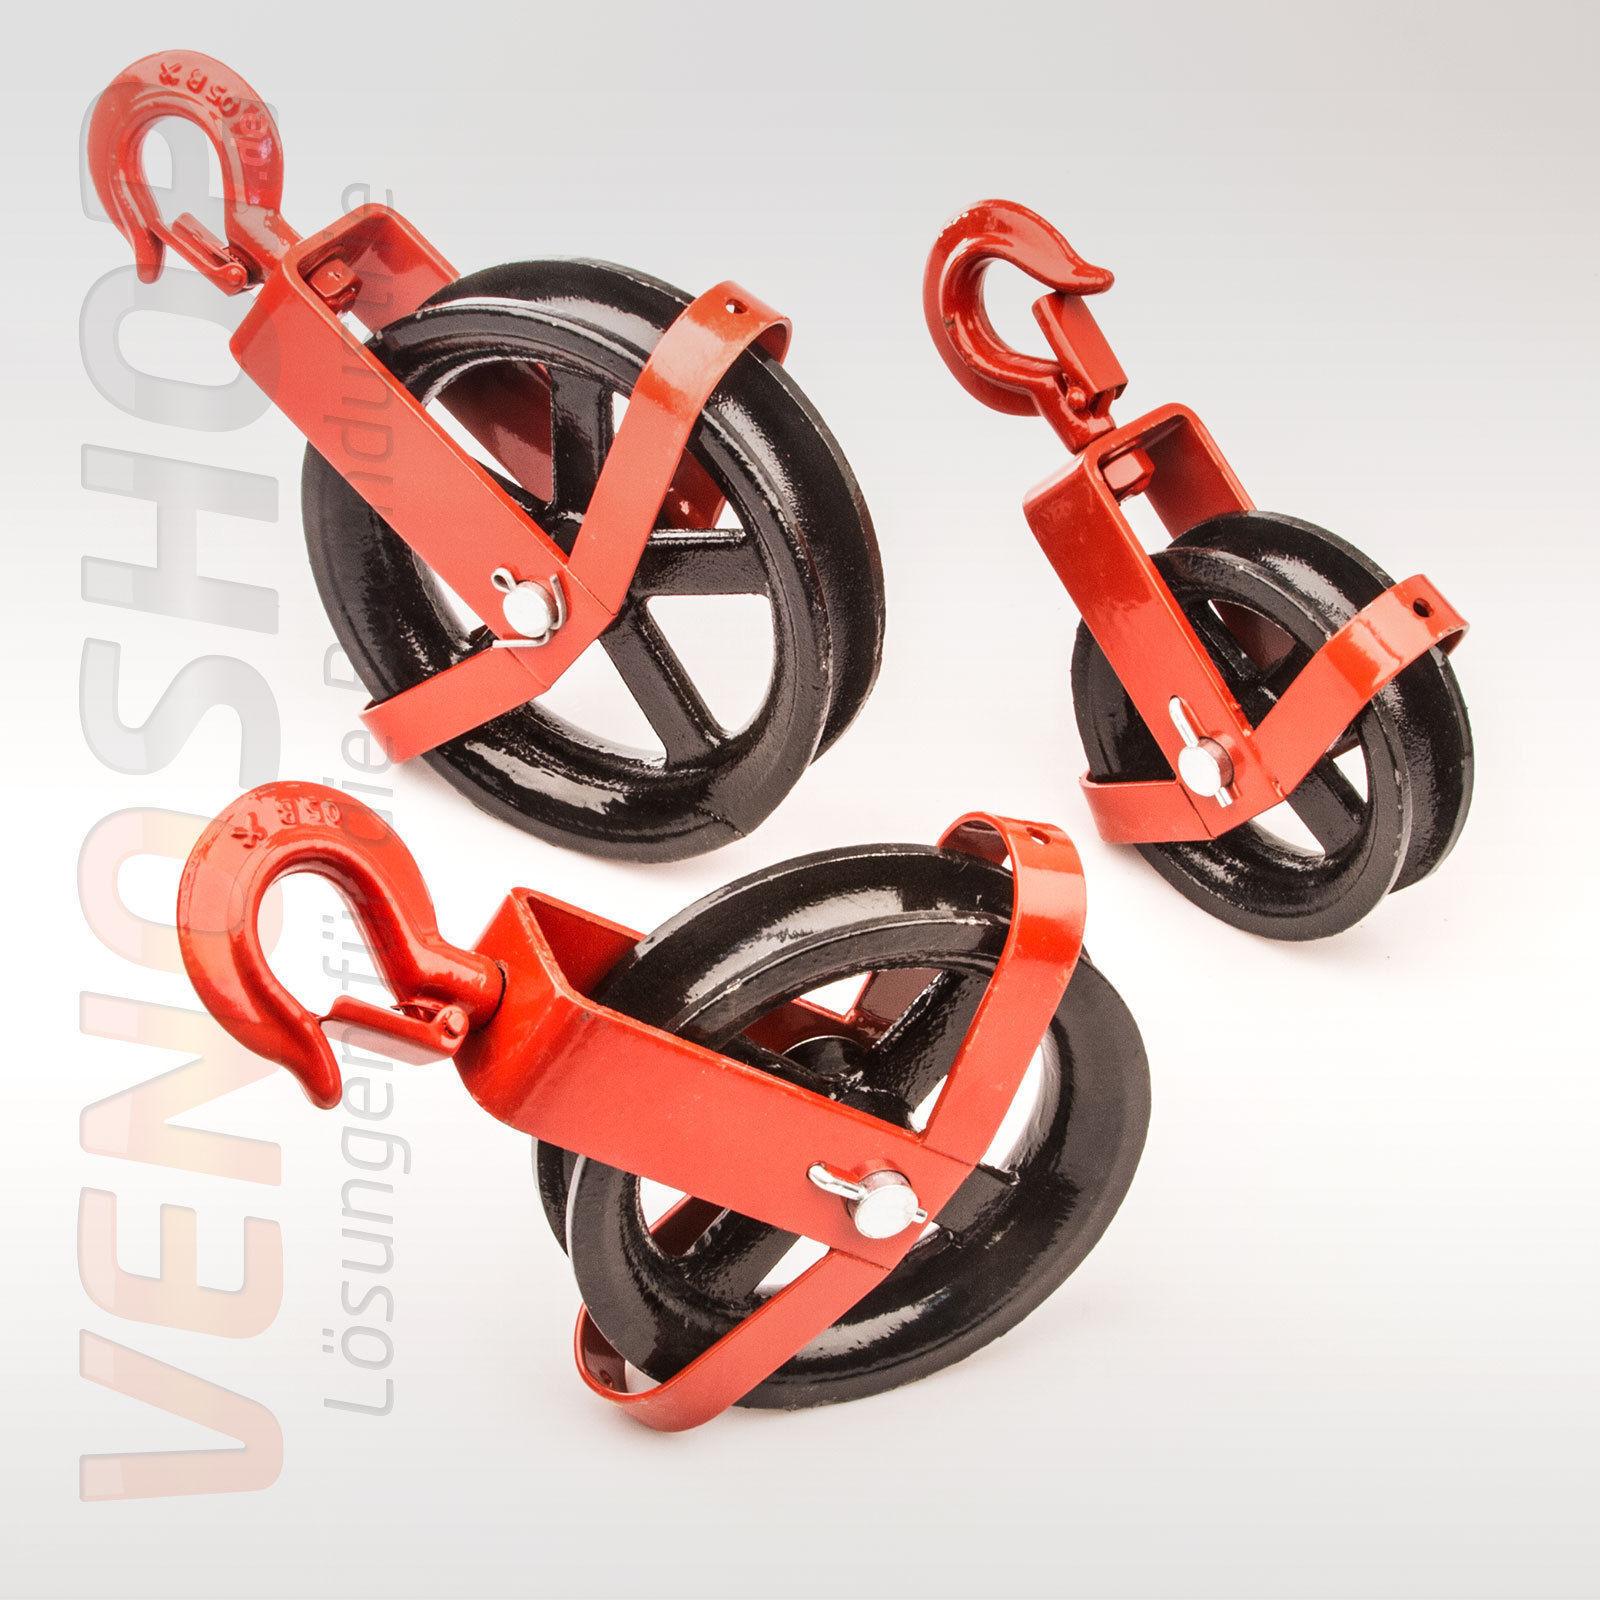 20mm JUTESEIL + UMLENKROLLE mit mit mit Haken Tauwerk Seilwinde Seilzug Seil Seilrolle 72ee0a